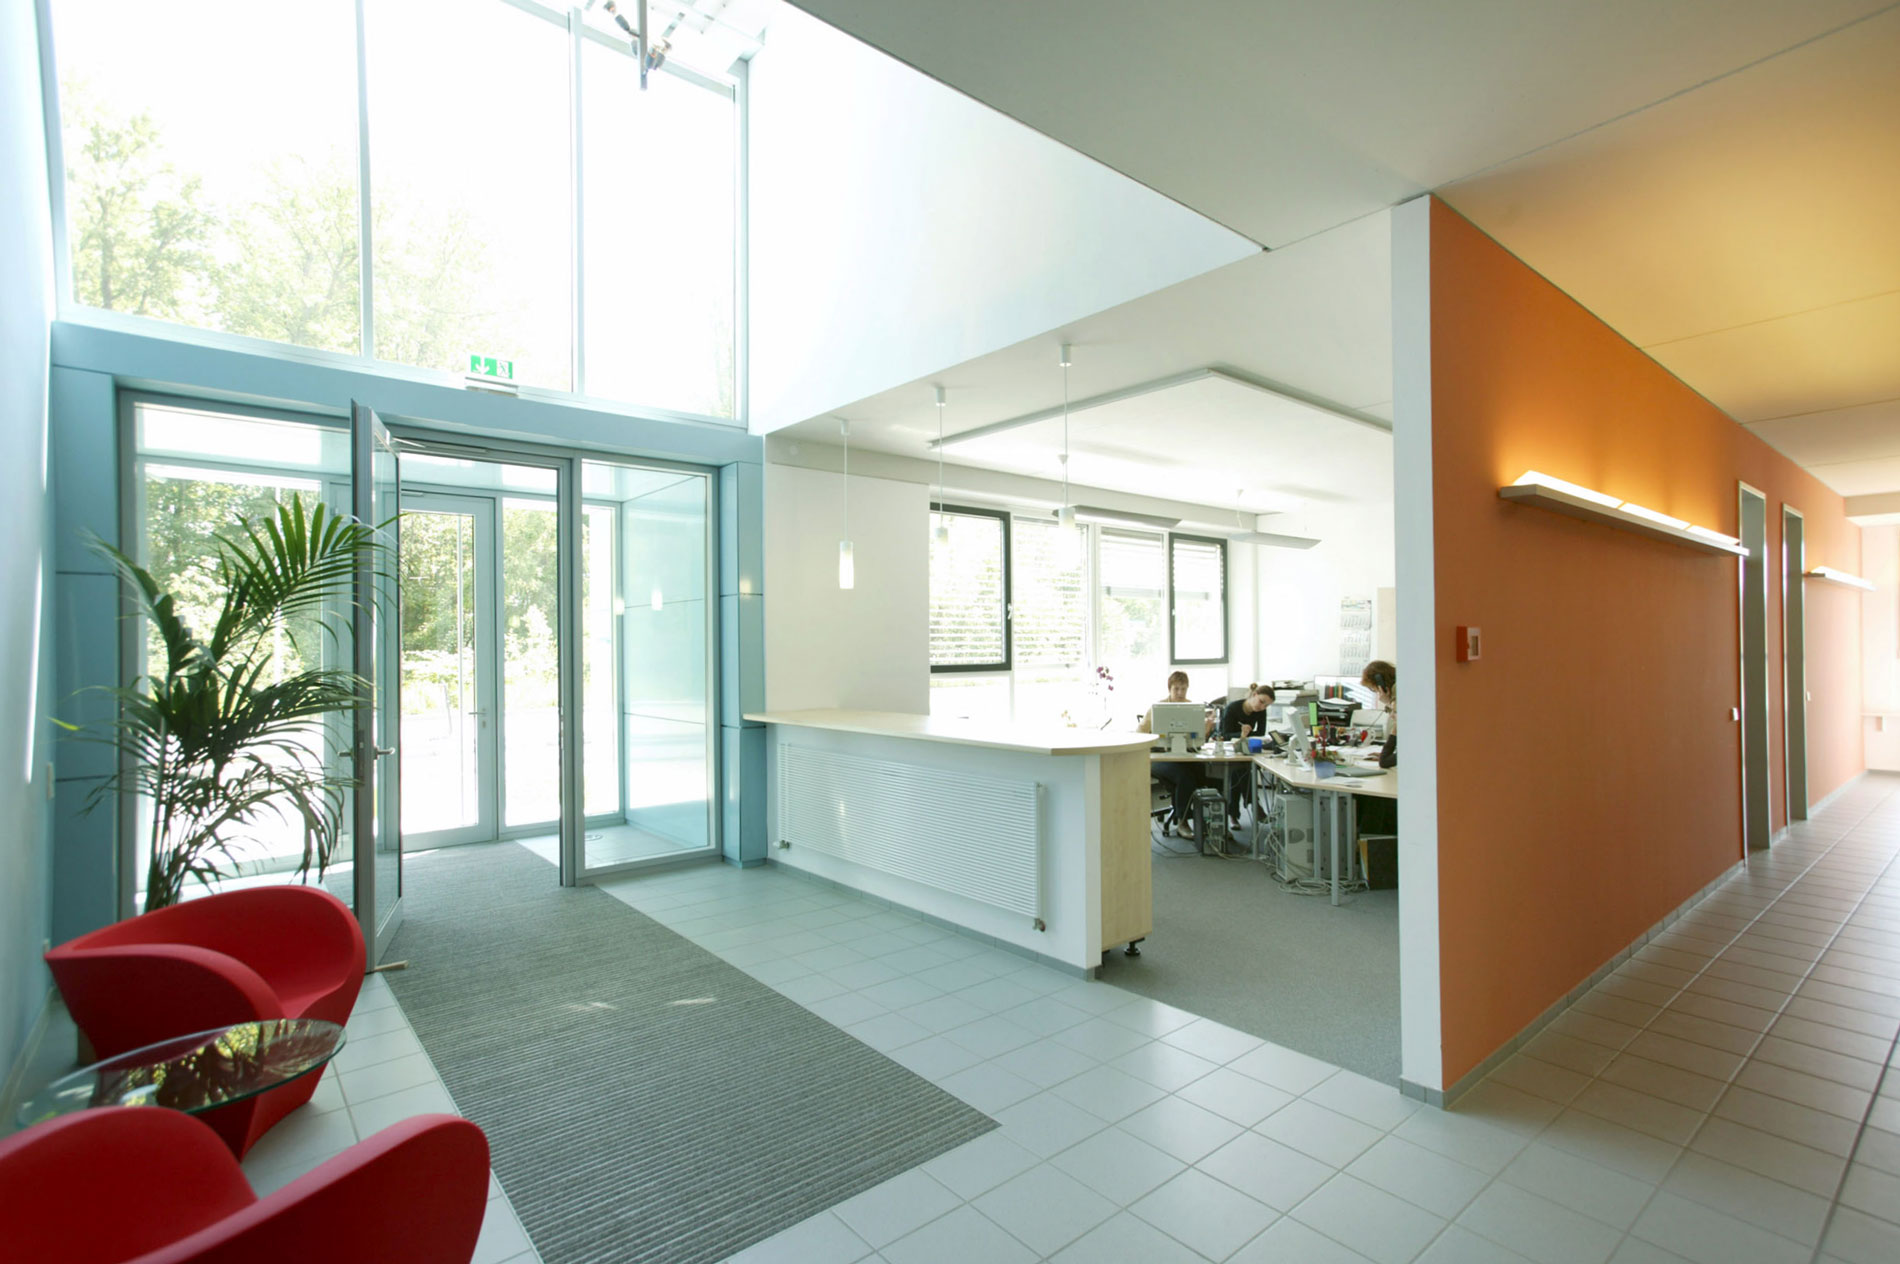 Innenarchitekt Innenausbau Firmengebäude